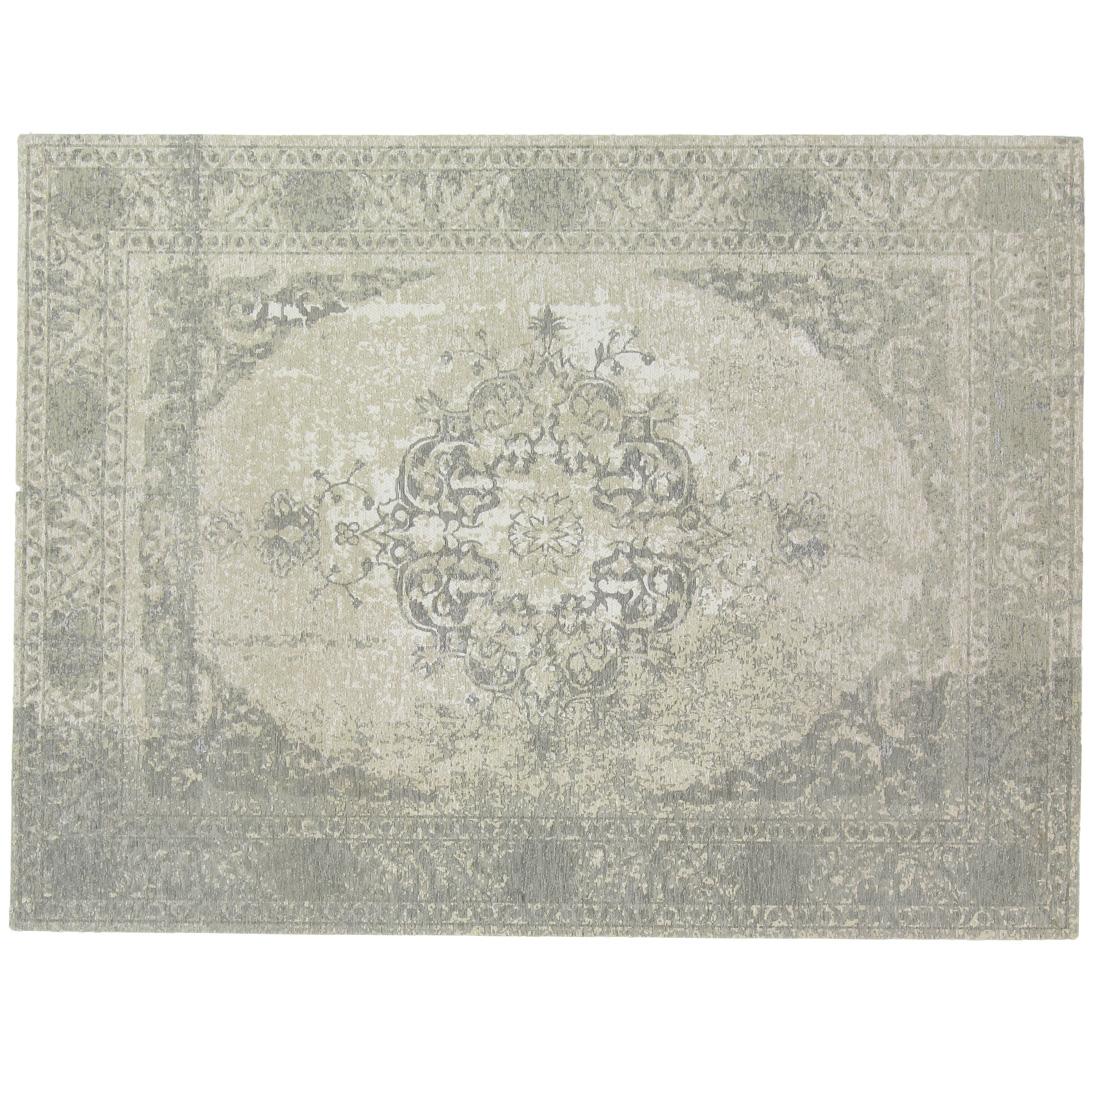 Vloerkleed Brinker Meda Silver | 170 x 230 cm